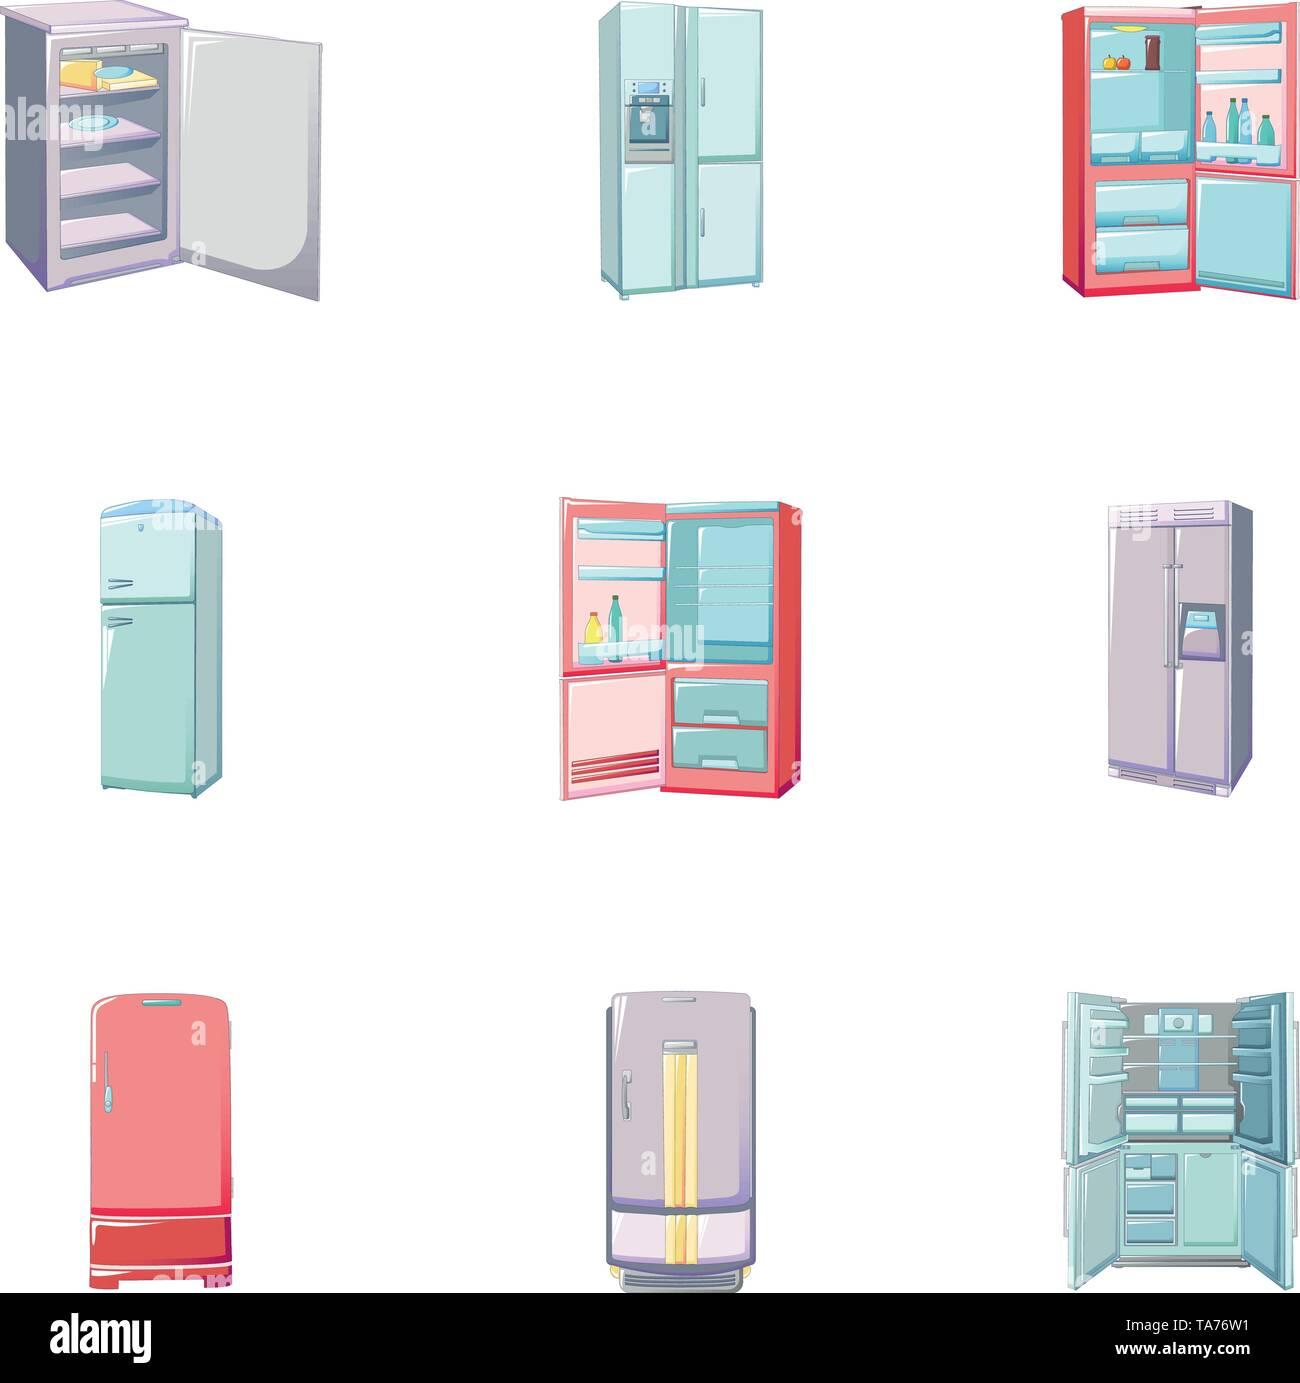 Freezer icons set, cartoon style - Stock Image